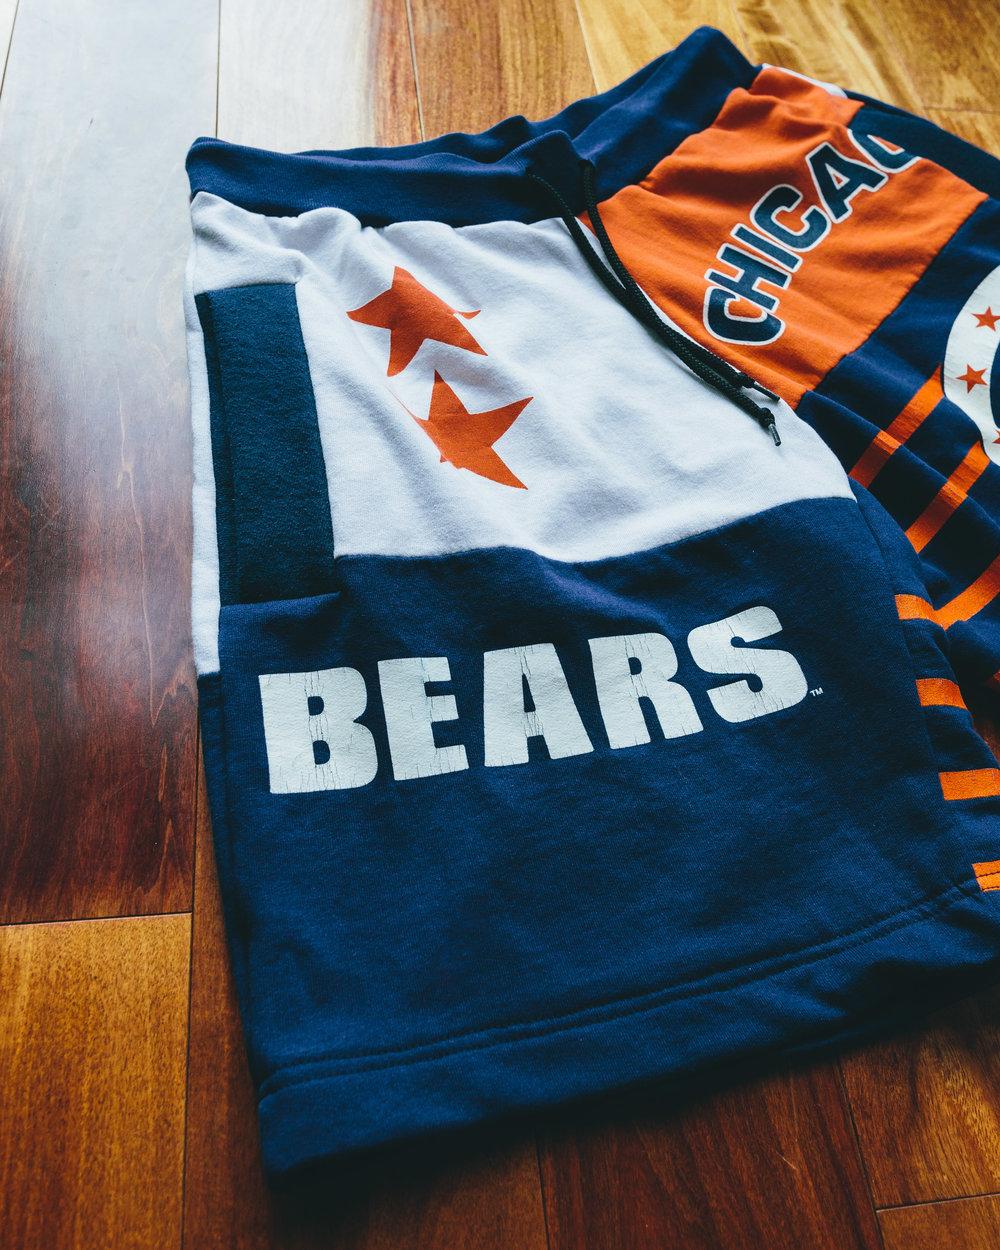 BEARS-5001.jpg